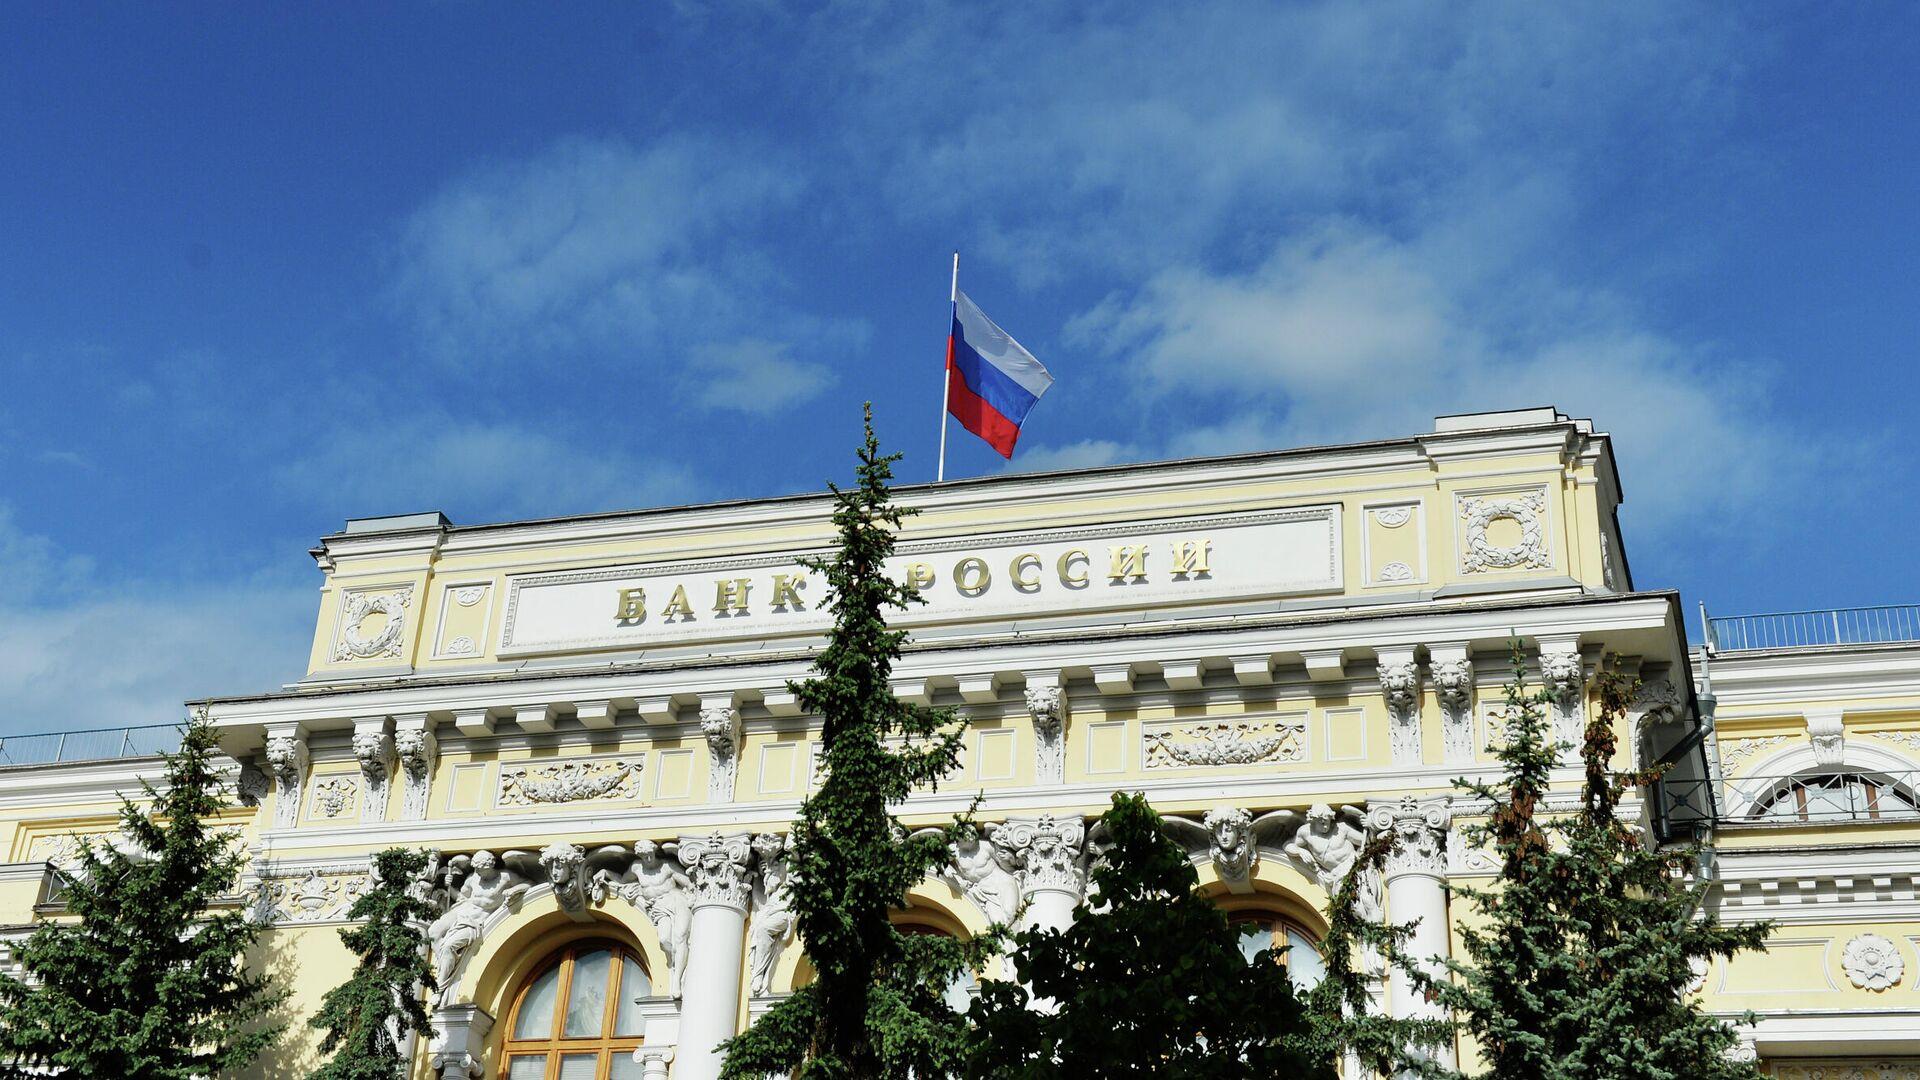 Здание Центрального банка России  - РИА Новости, 1920, 14.09.2021